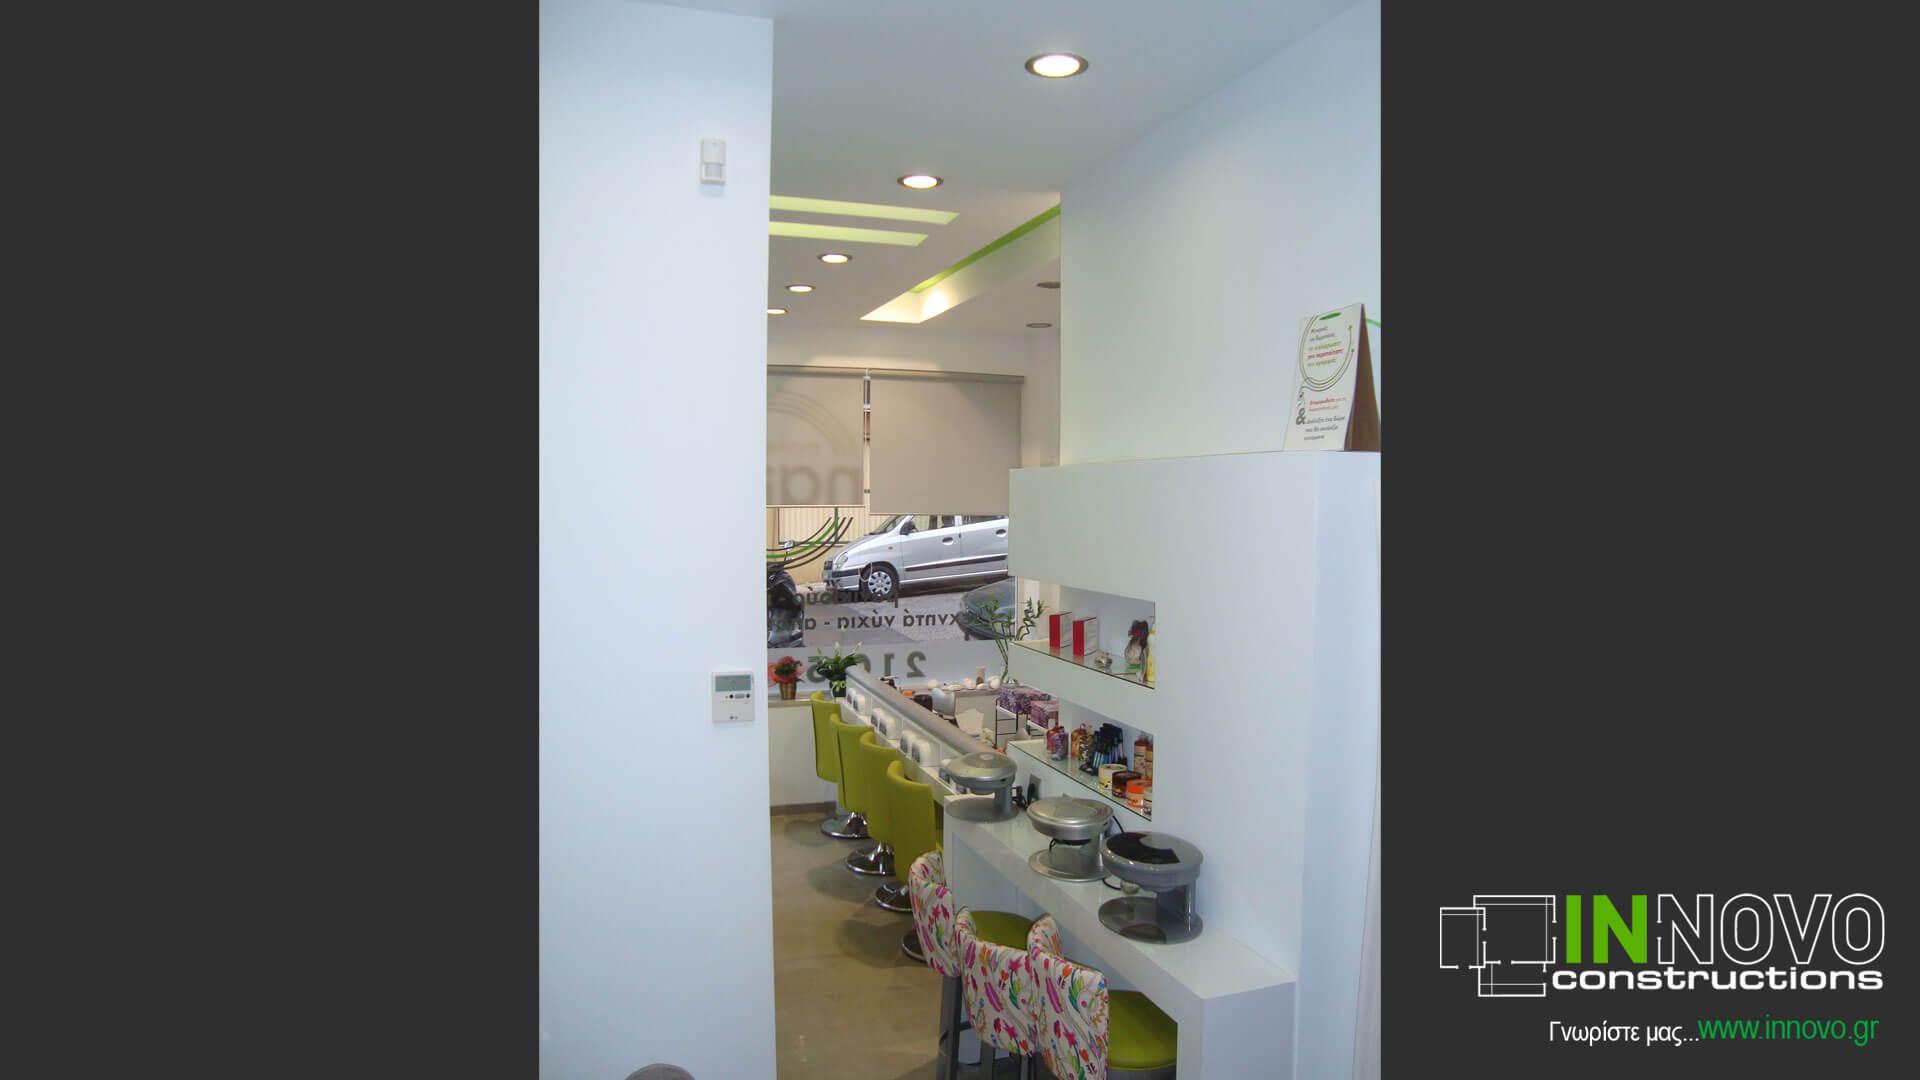 anakainisi-kommotiriou-hairdressers-renovation-pentikiour-perissos-1166-2